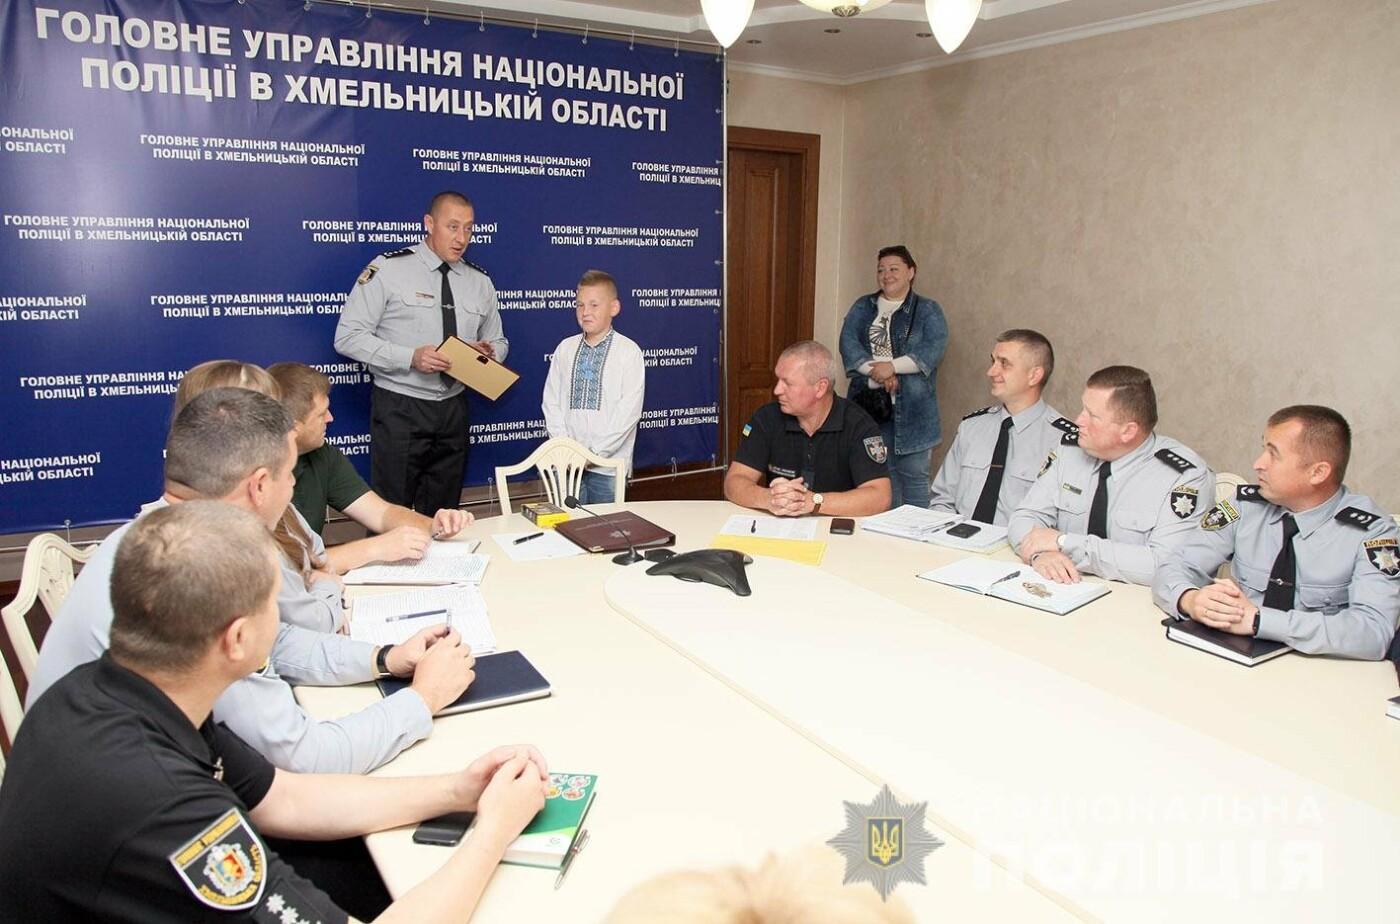 Хмельницькі правоохоронці нагородили відзнакою 13-річного хлопчика (фото, відео), фото-2